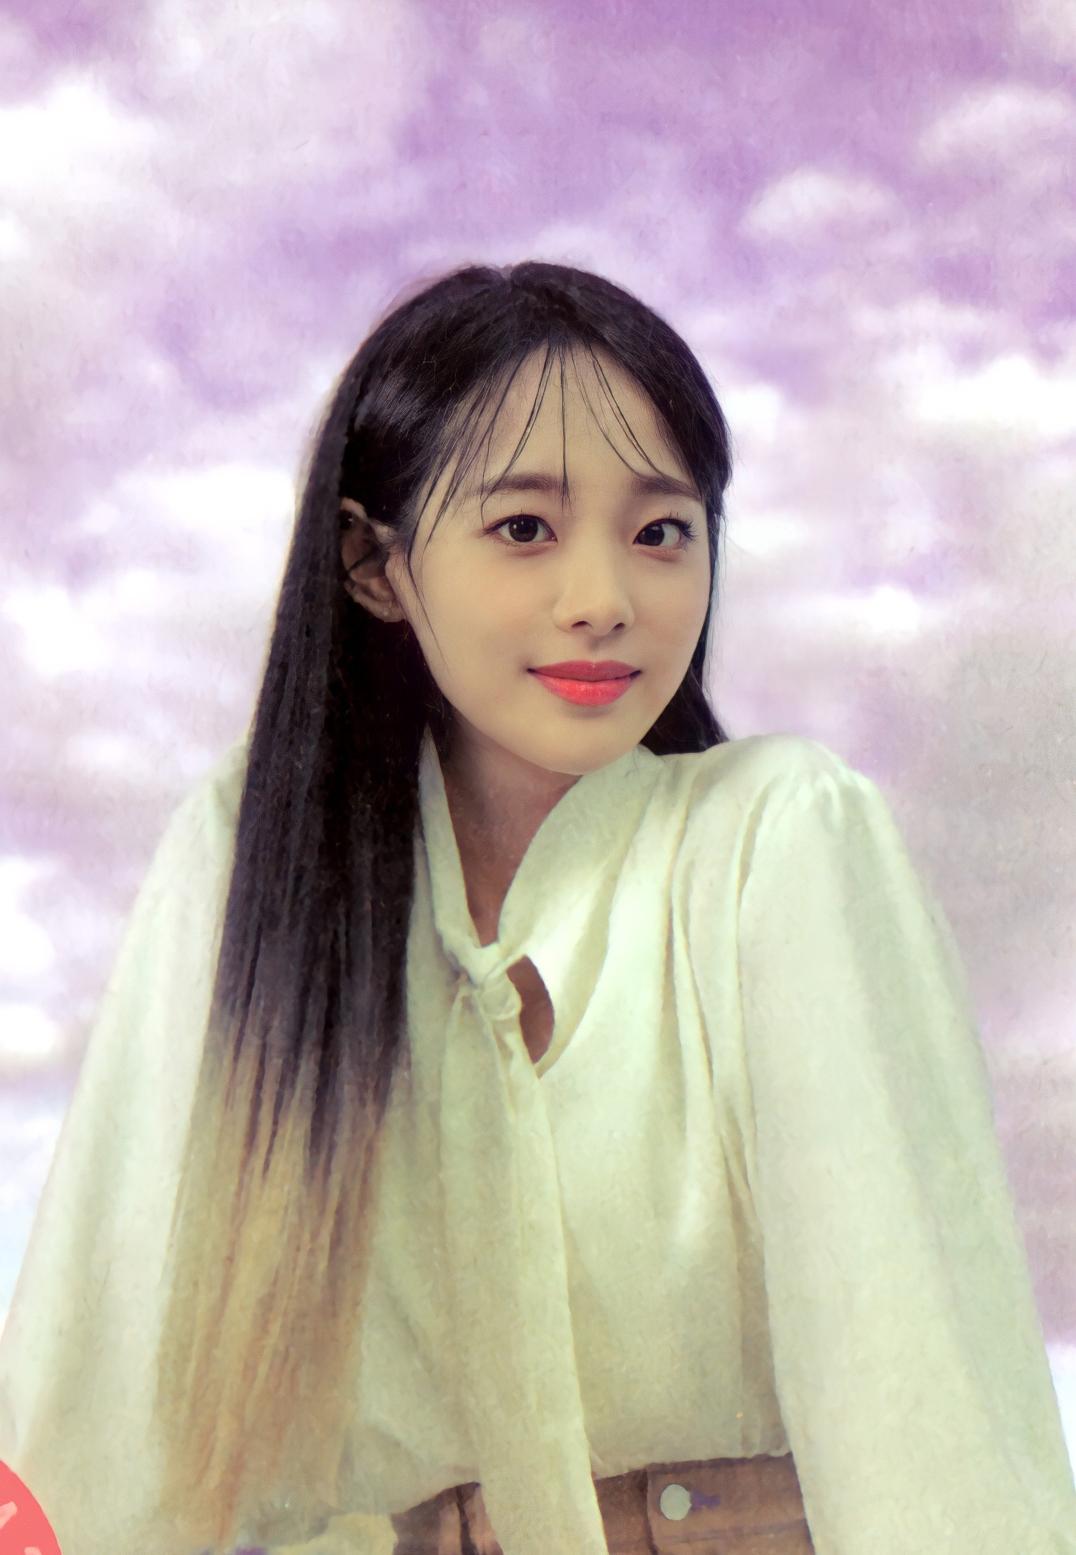 kim jiwoo, article, and season greetings image